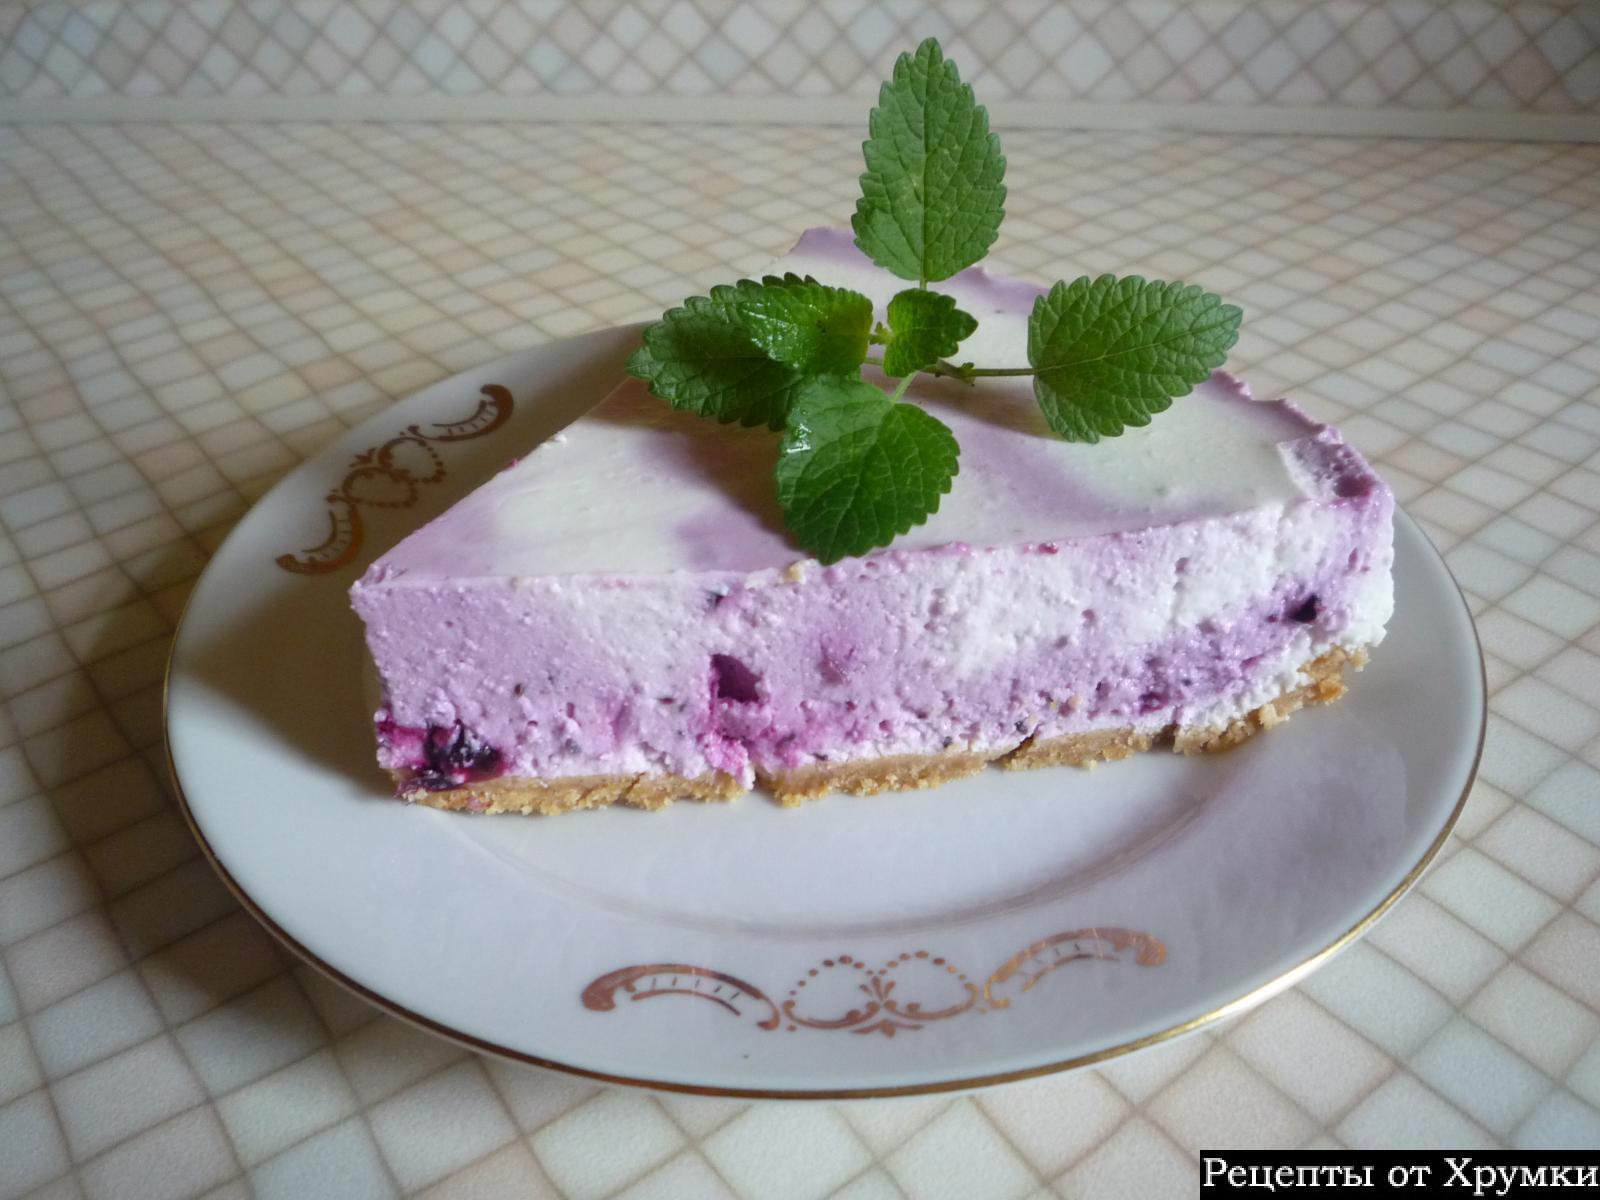 Чизкейк творожный с ягодами рецепт в домашних условиях